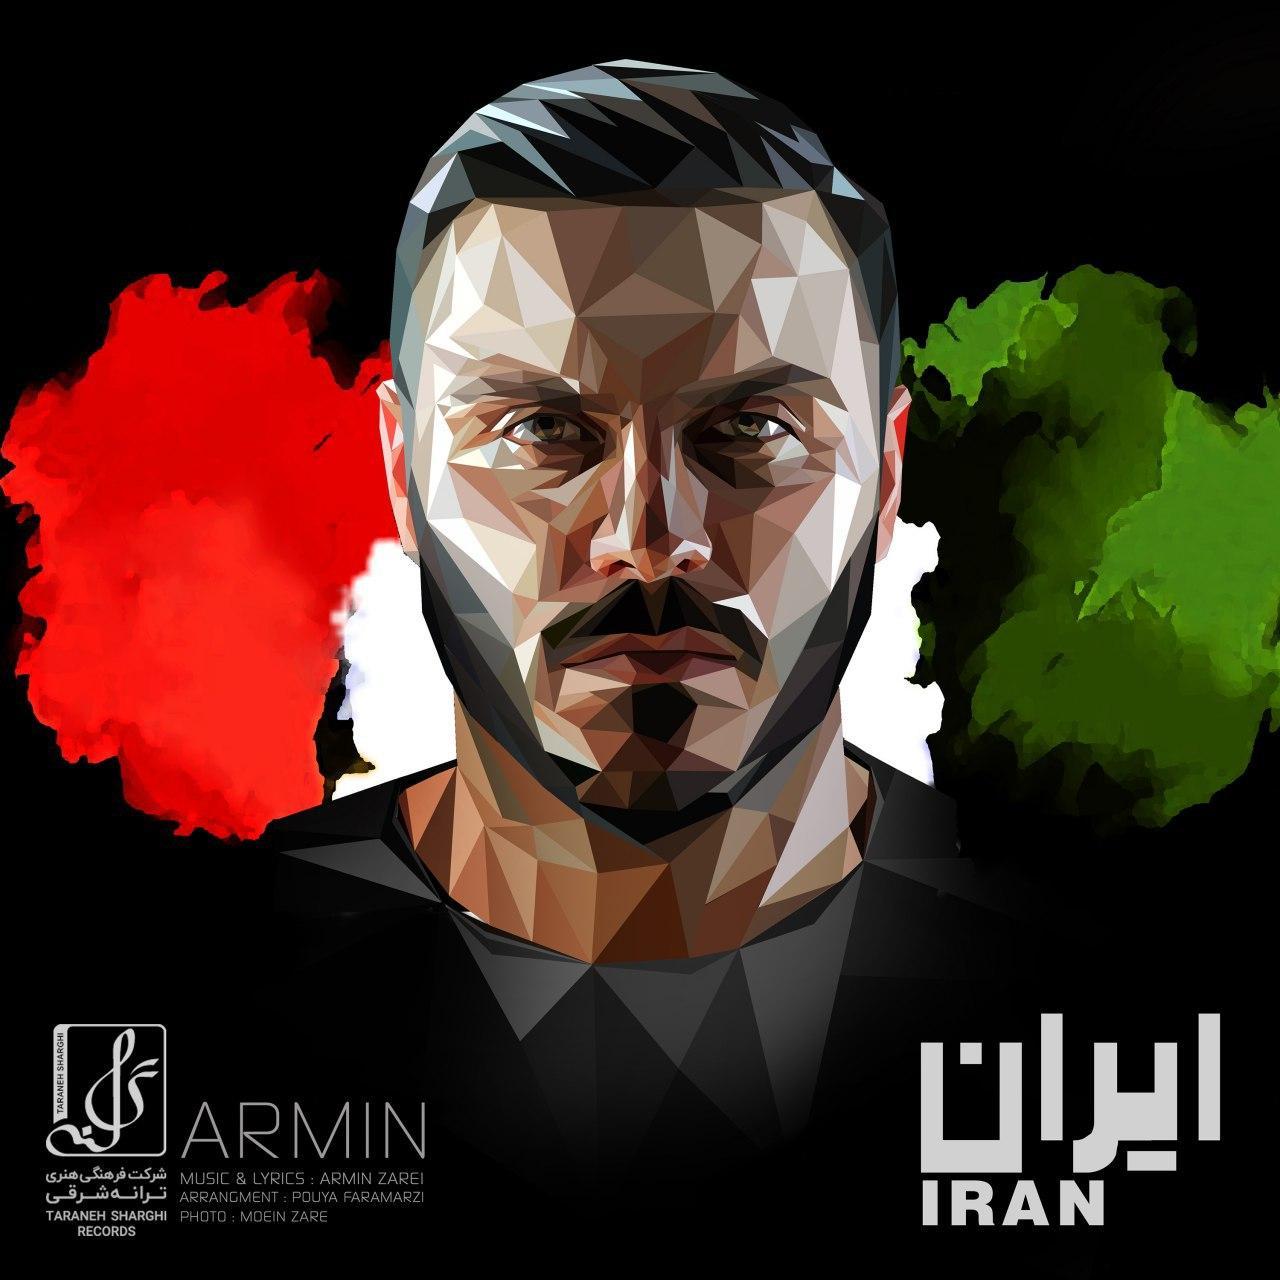 دانلود آهنگ جدید آرمین ۲Afm به نام ایران